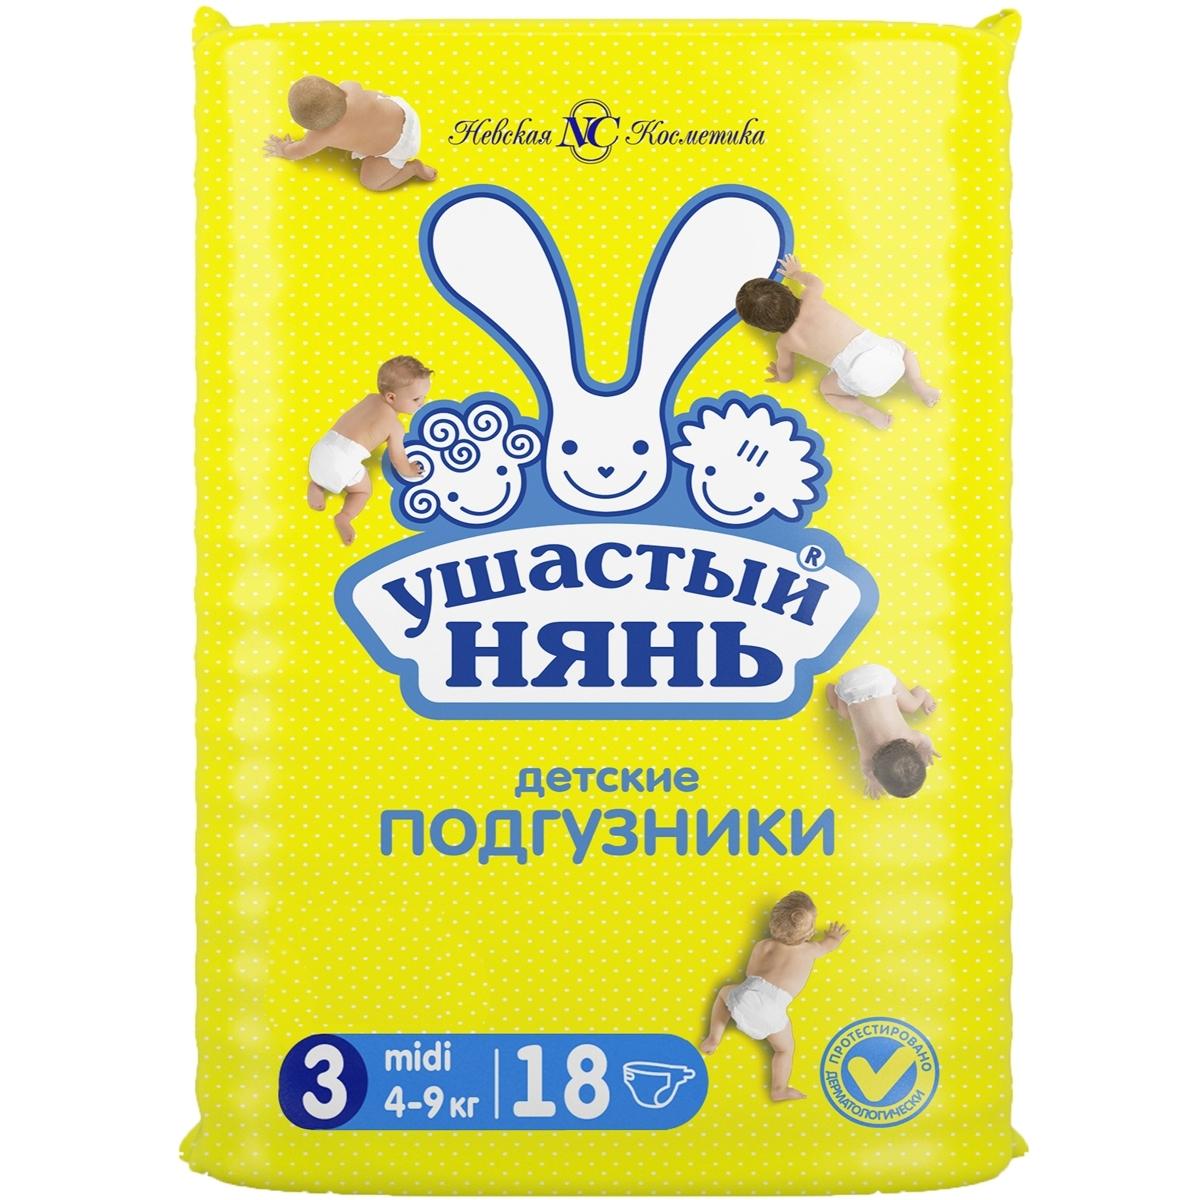 Подгузники Ушастый нянь (4-9 кг) 18 шт<br>